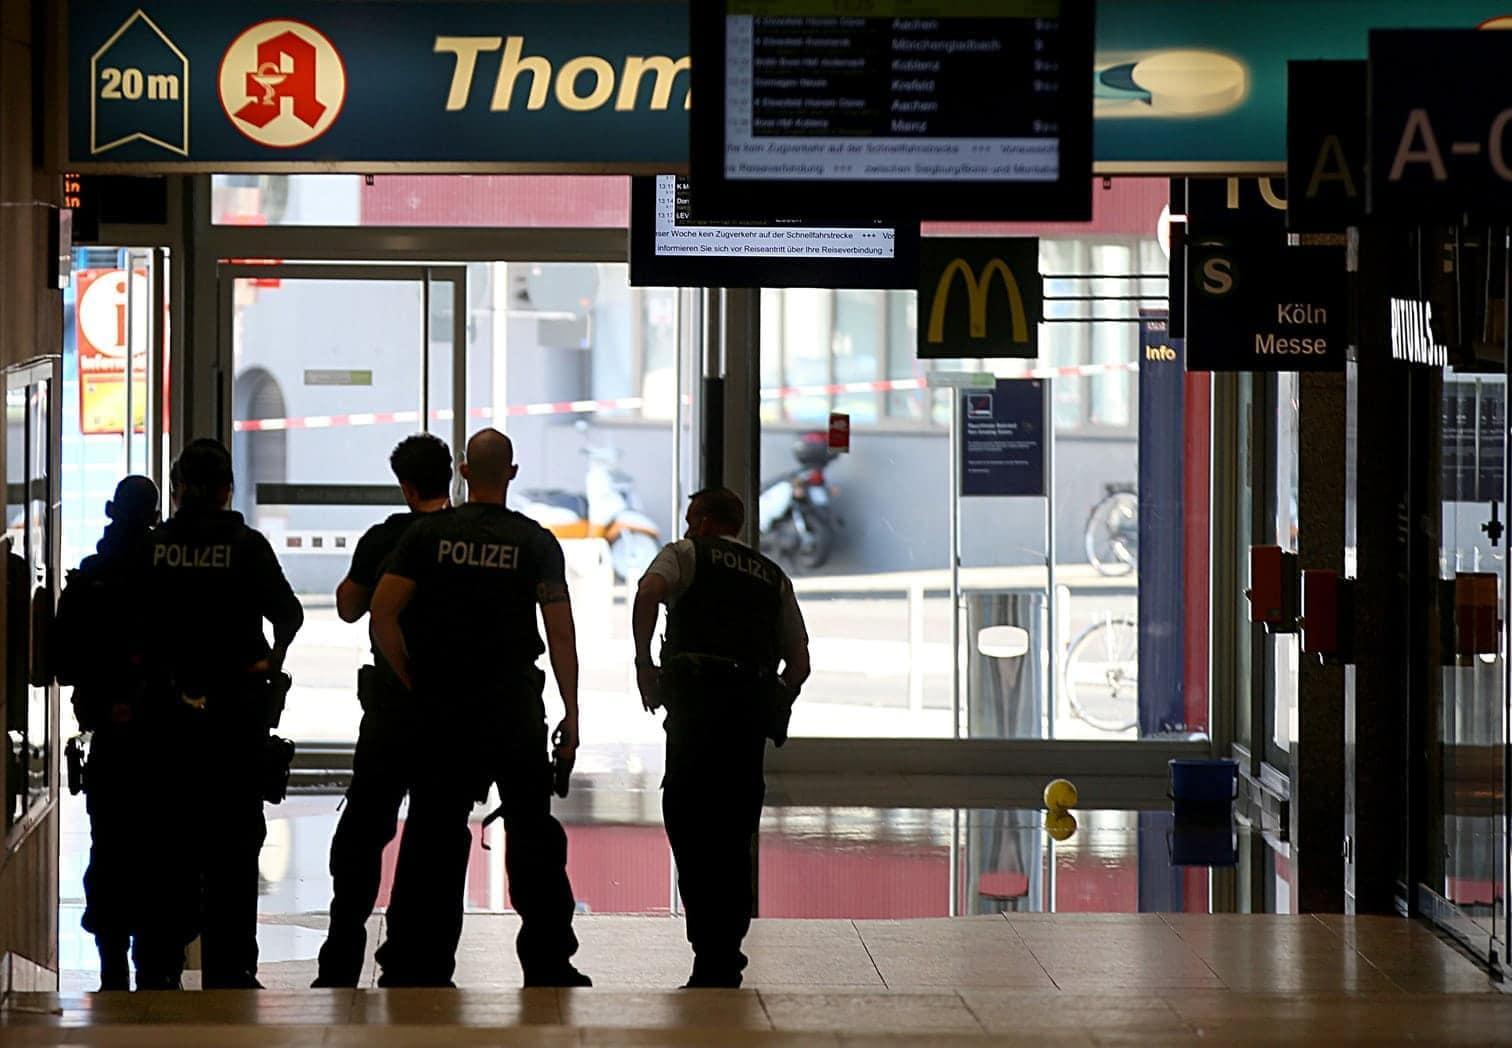 <p>Die Polizei rief über Lautsprecher alle Reisenden zum Verlassen des Bahnhofs auf. Grund dafür ist eine Geiselnahme in einer Apotheke im hinteren Bereich des Bahnhofs.</p> Foto: dpa/Oliver Berg